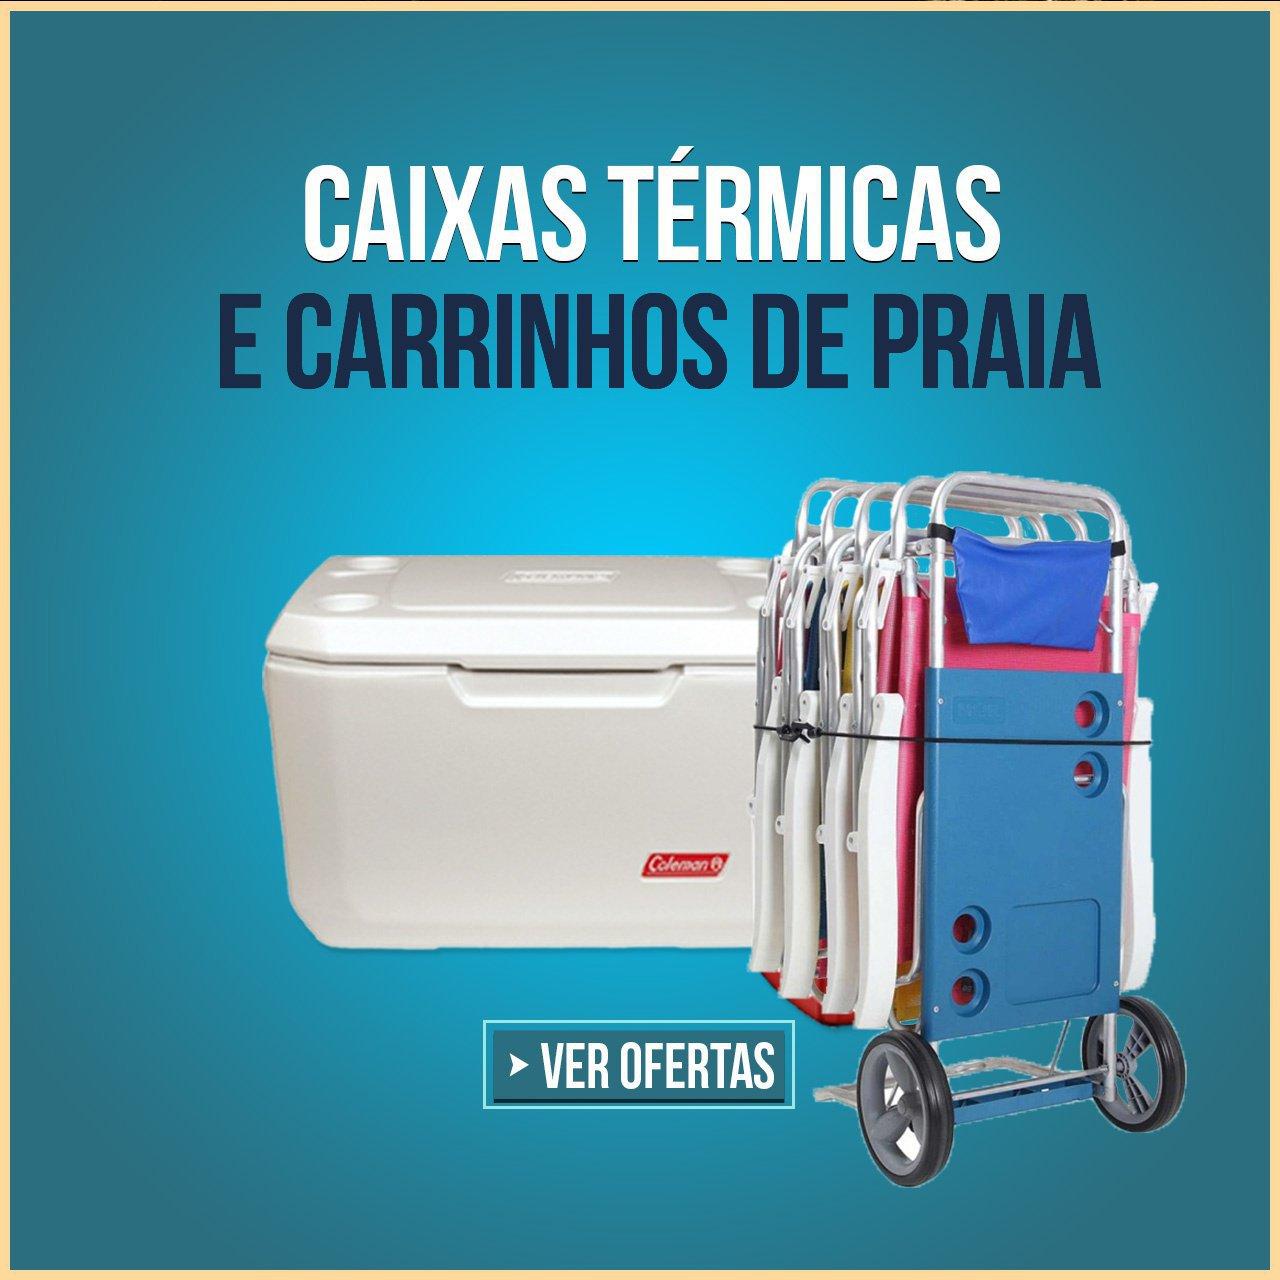 CAIXAS TERMICAS E CARRINHOS DE PRAIA